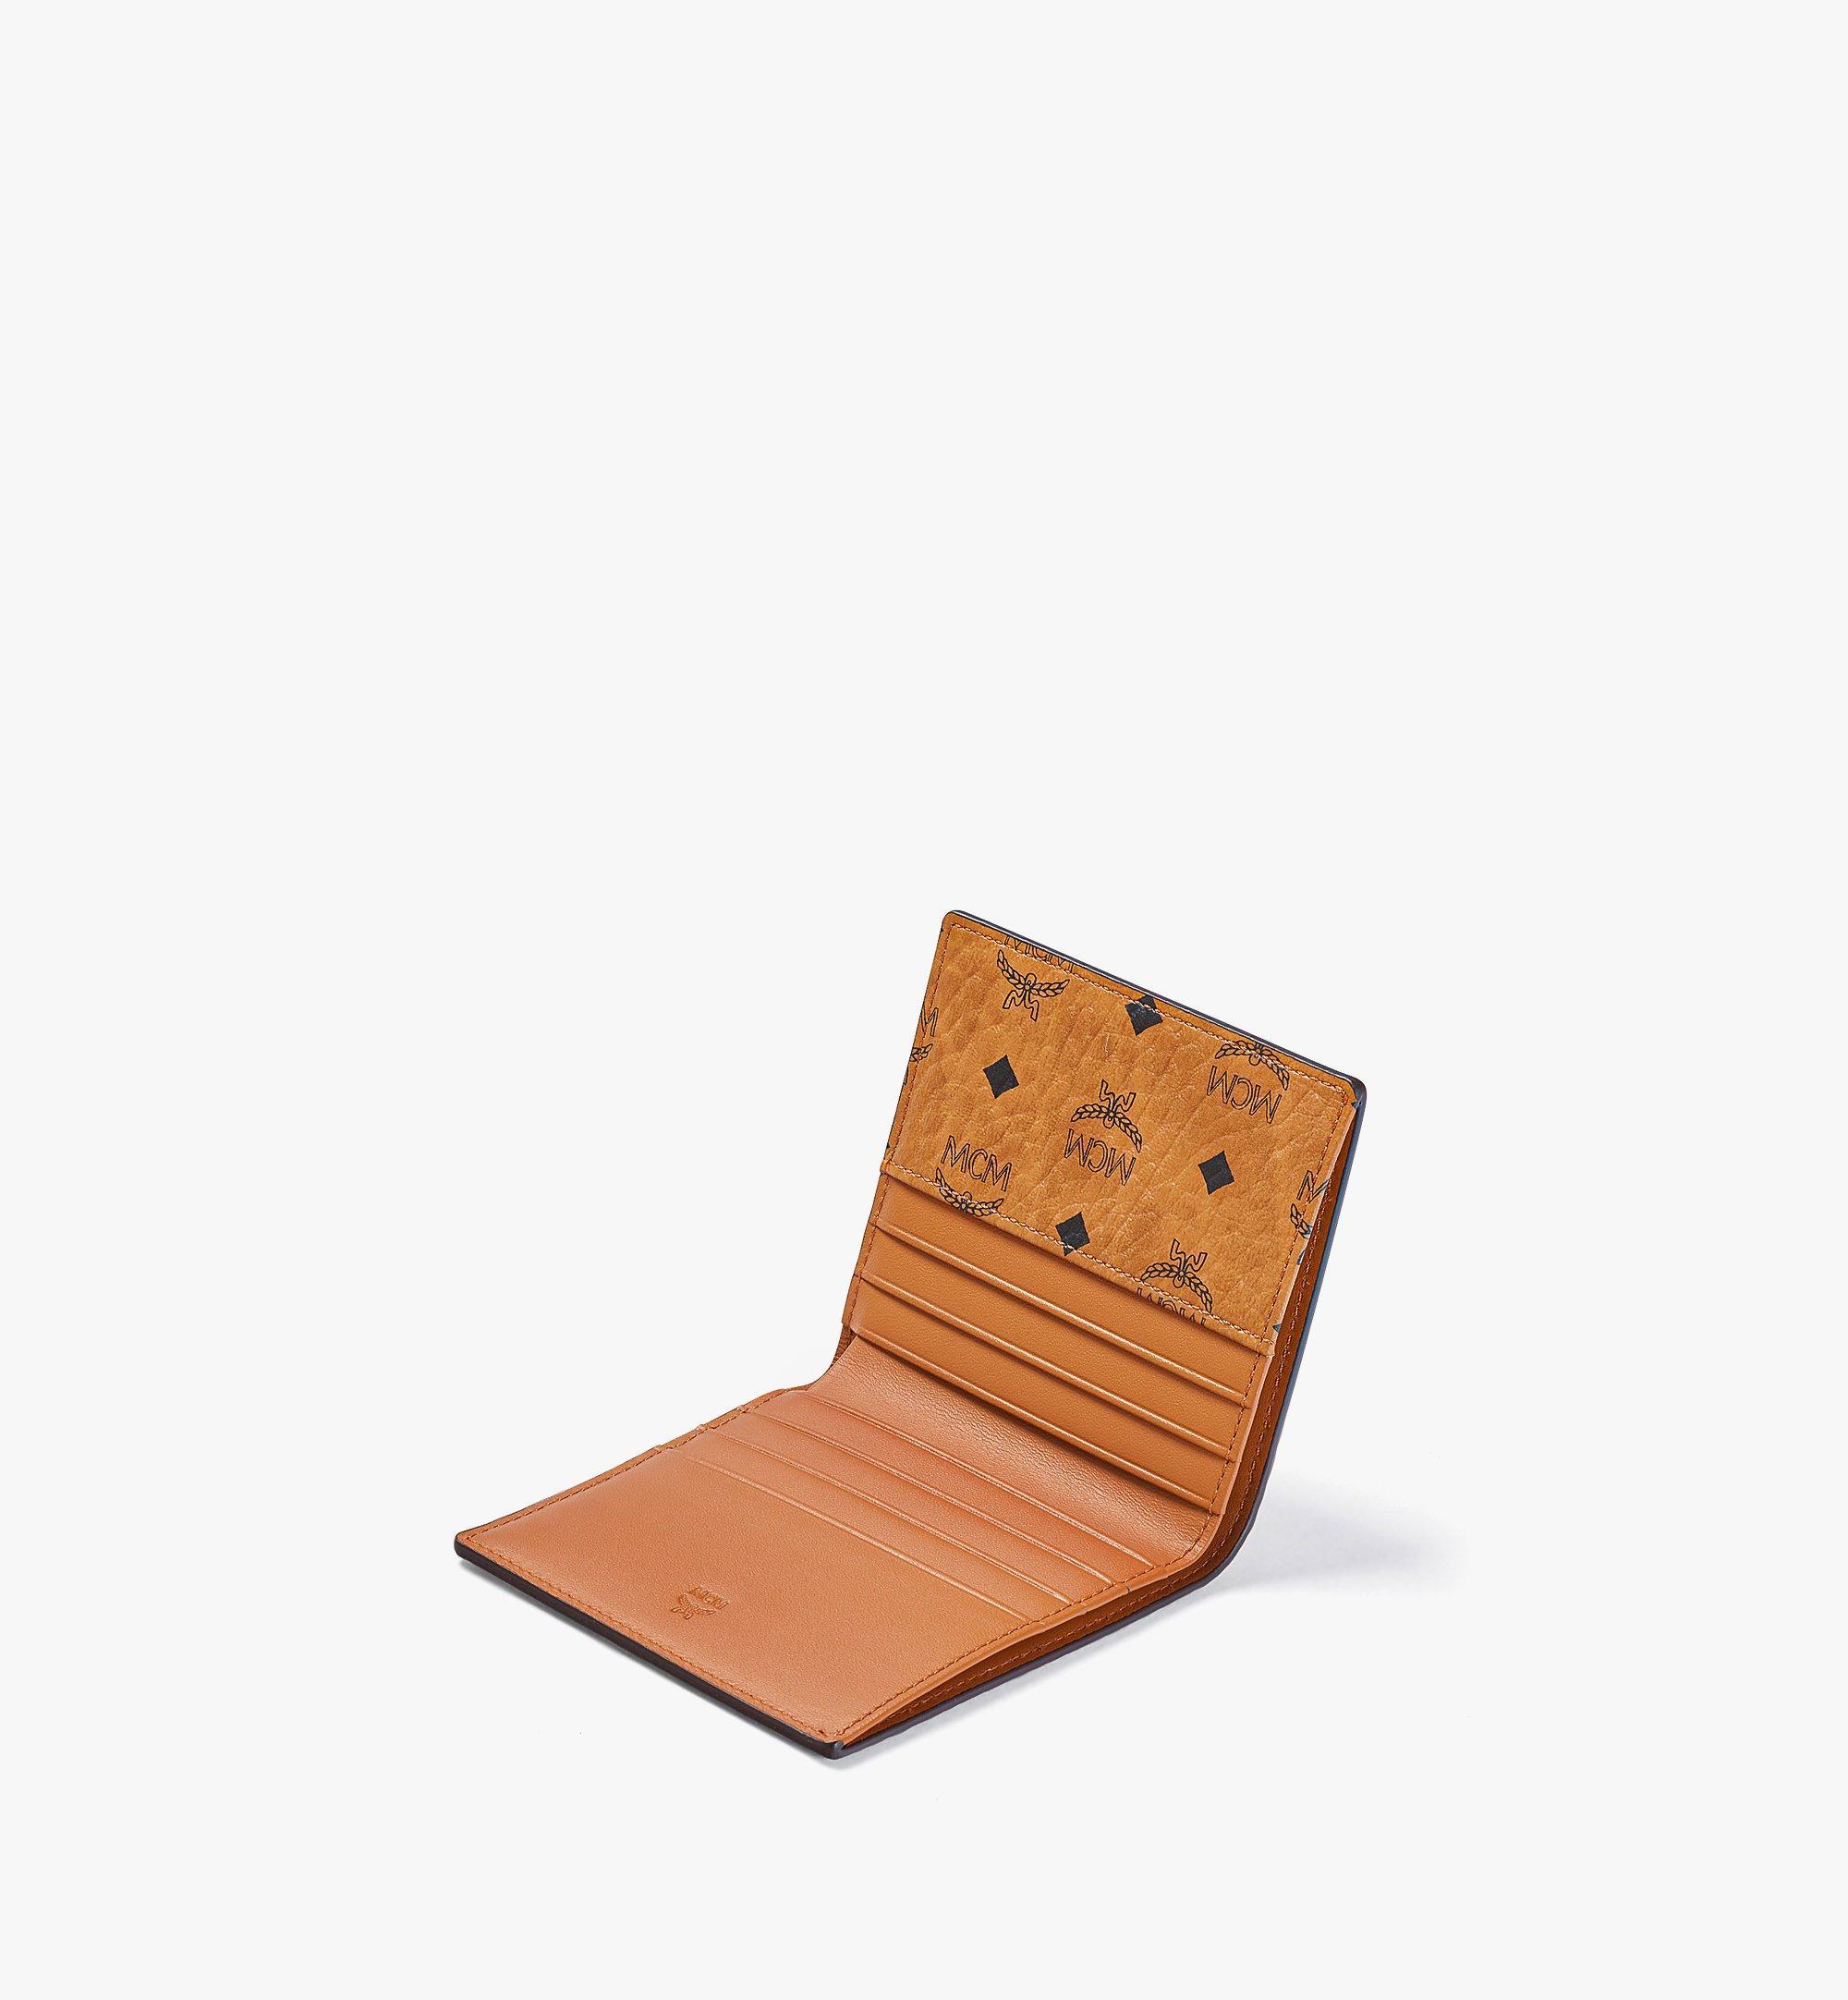 MCM Gefaltete Brieftasche für Karten in Visetos Original Cognac MXABSVI01CO001 Noch mehr sehen 1